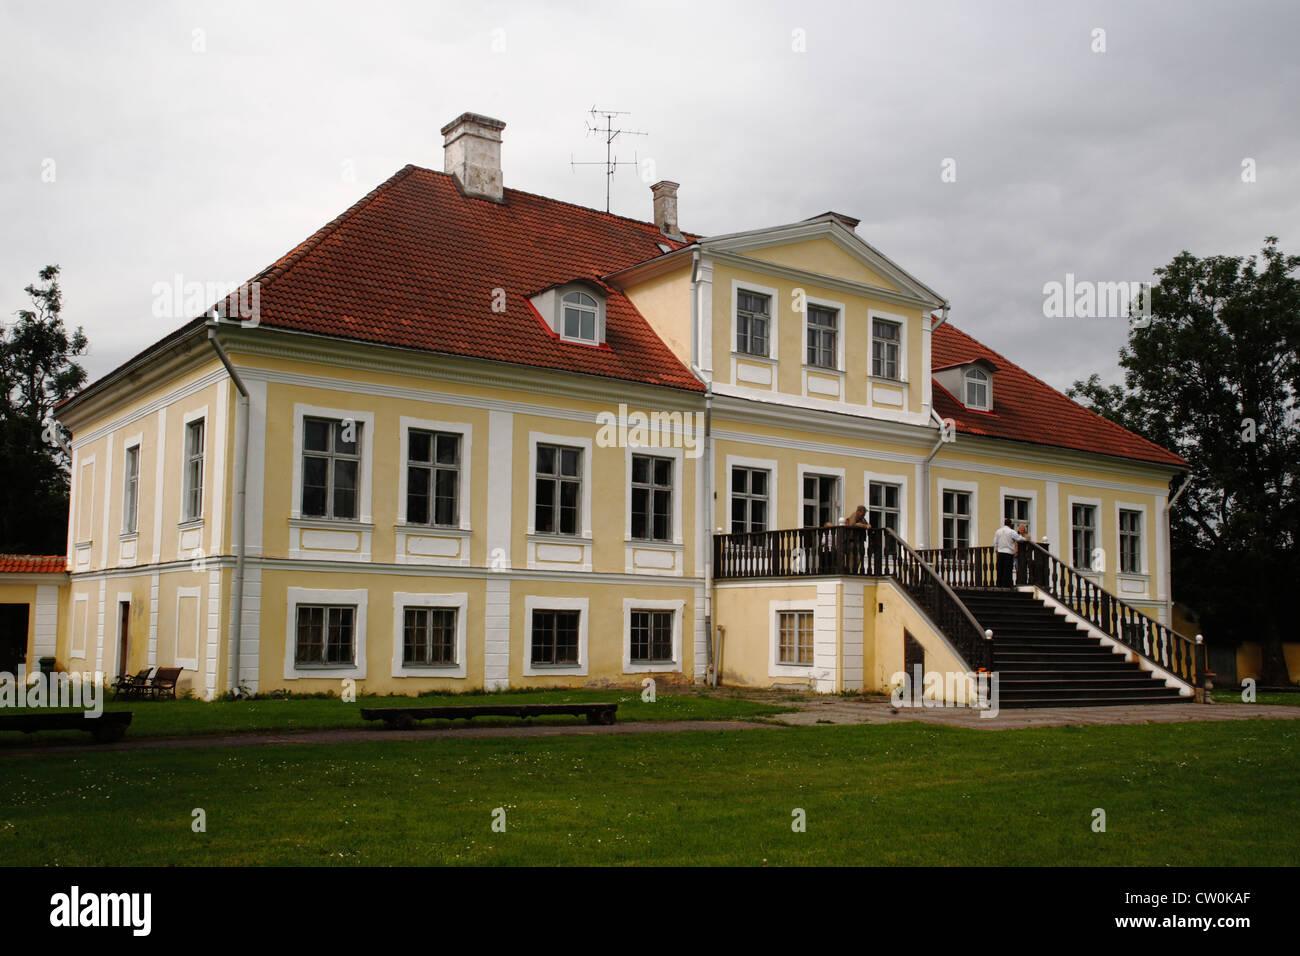 Estonia Tallinn, Sauer manor - Stock Image